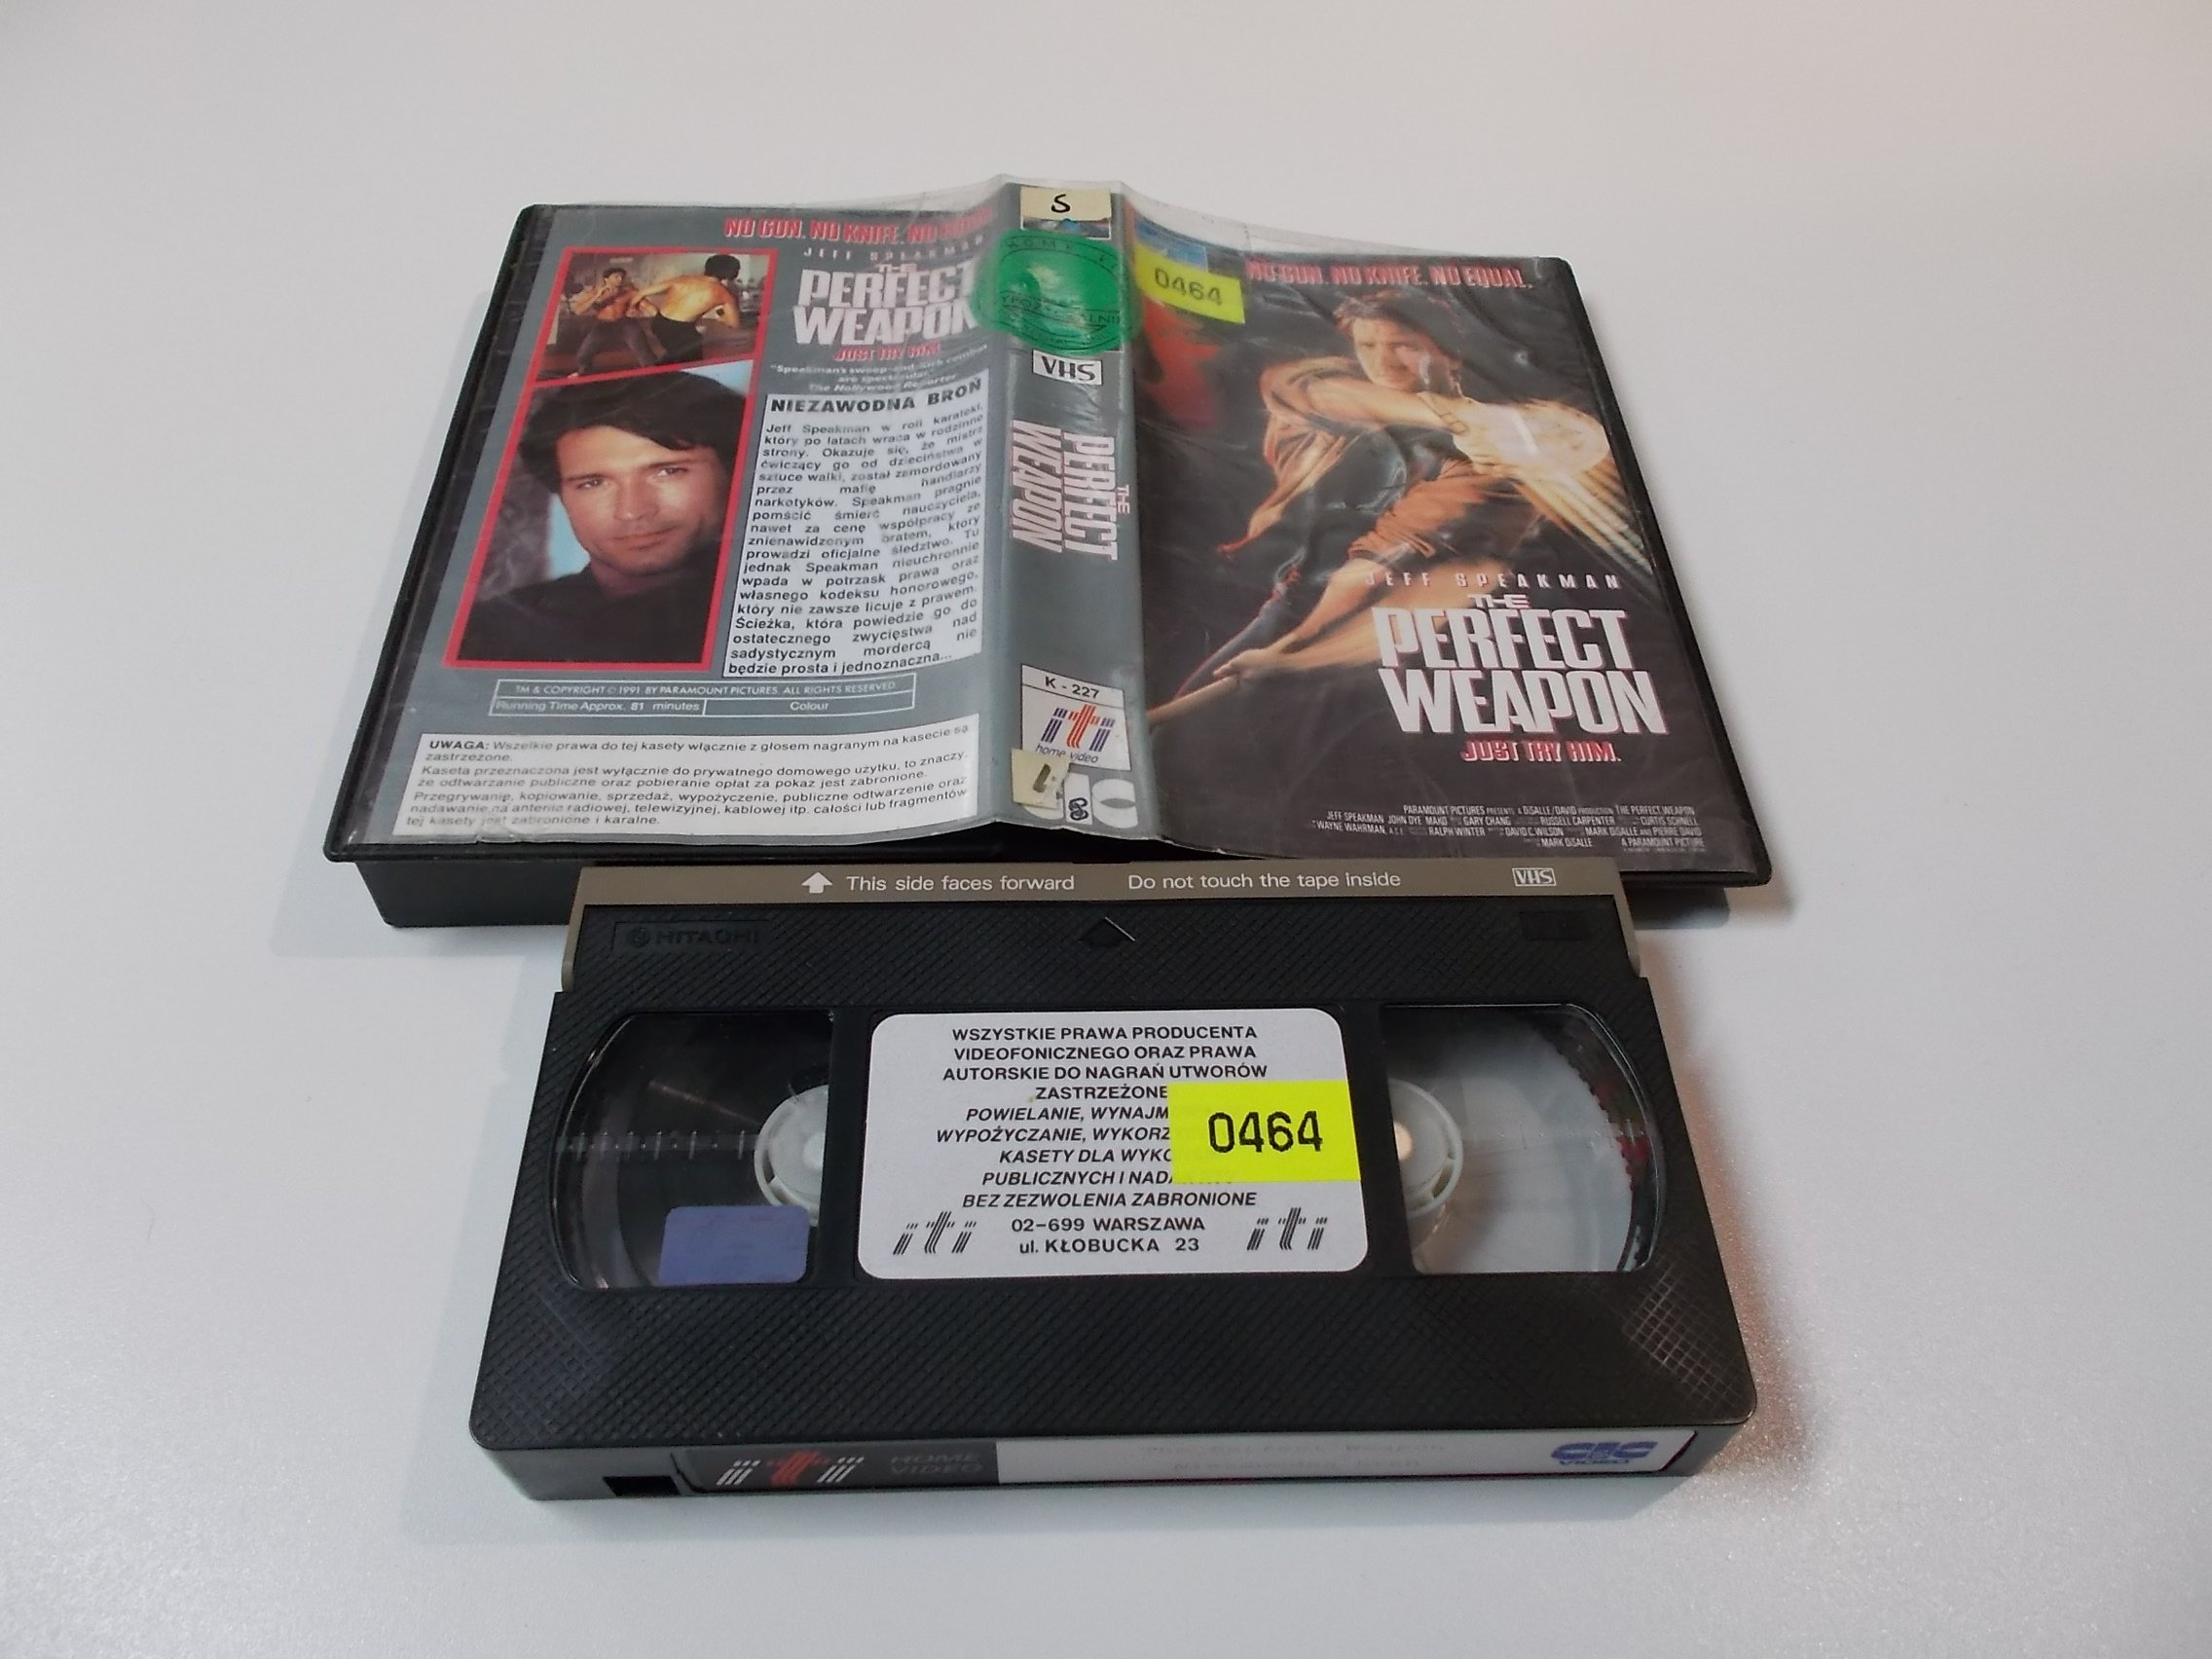 NIEZAWODNA BROŃ - Kaseta Video VHS - Opole 1542